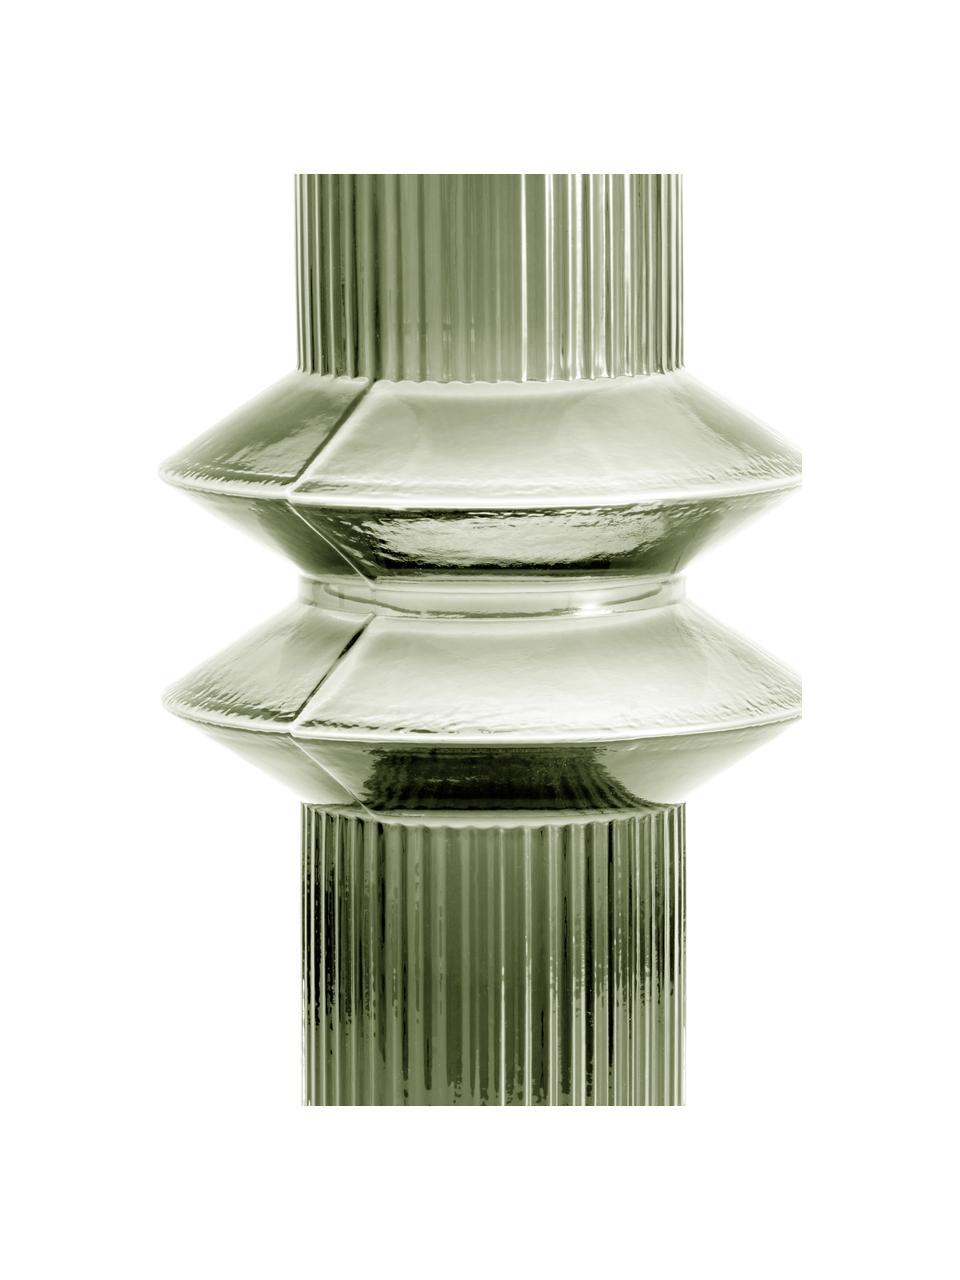 Duży wazon ze szkła Rilla, Szkło, Zielony, Ø 9 x W 32 cm